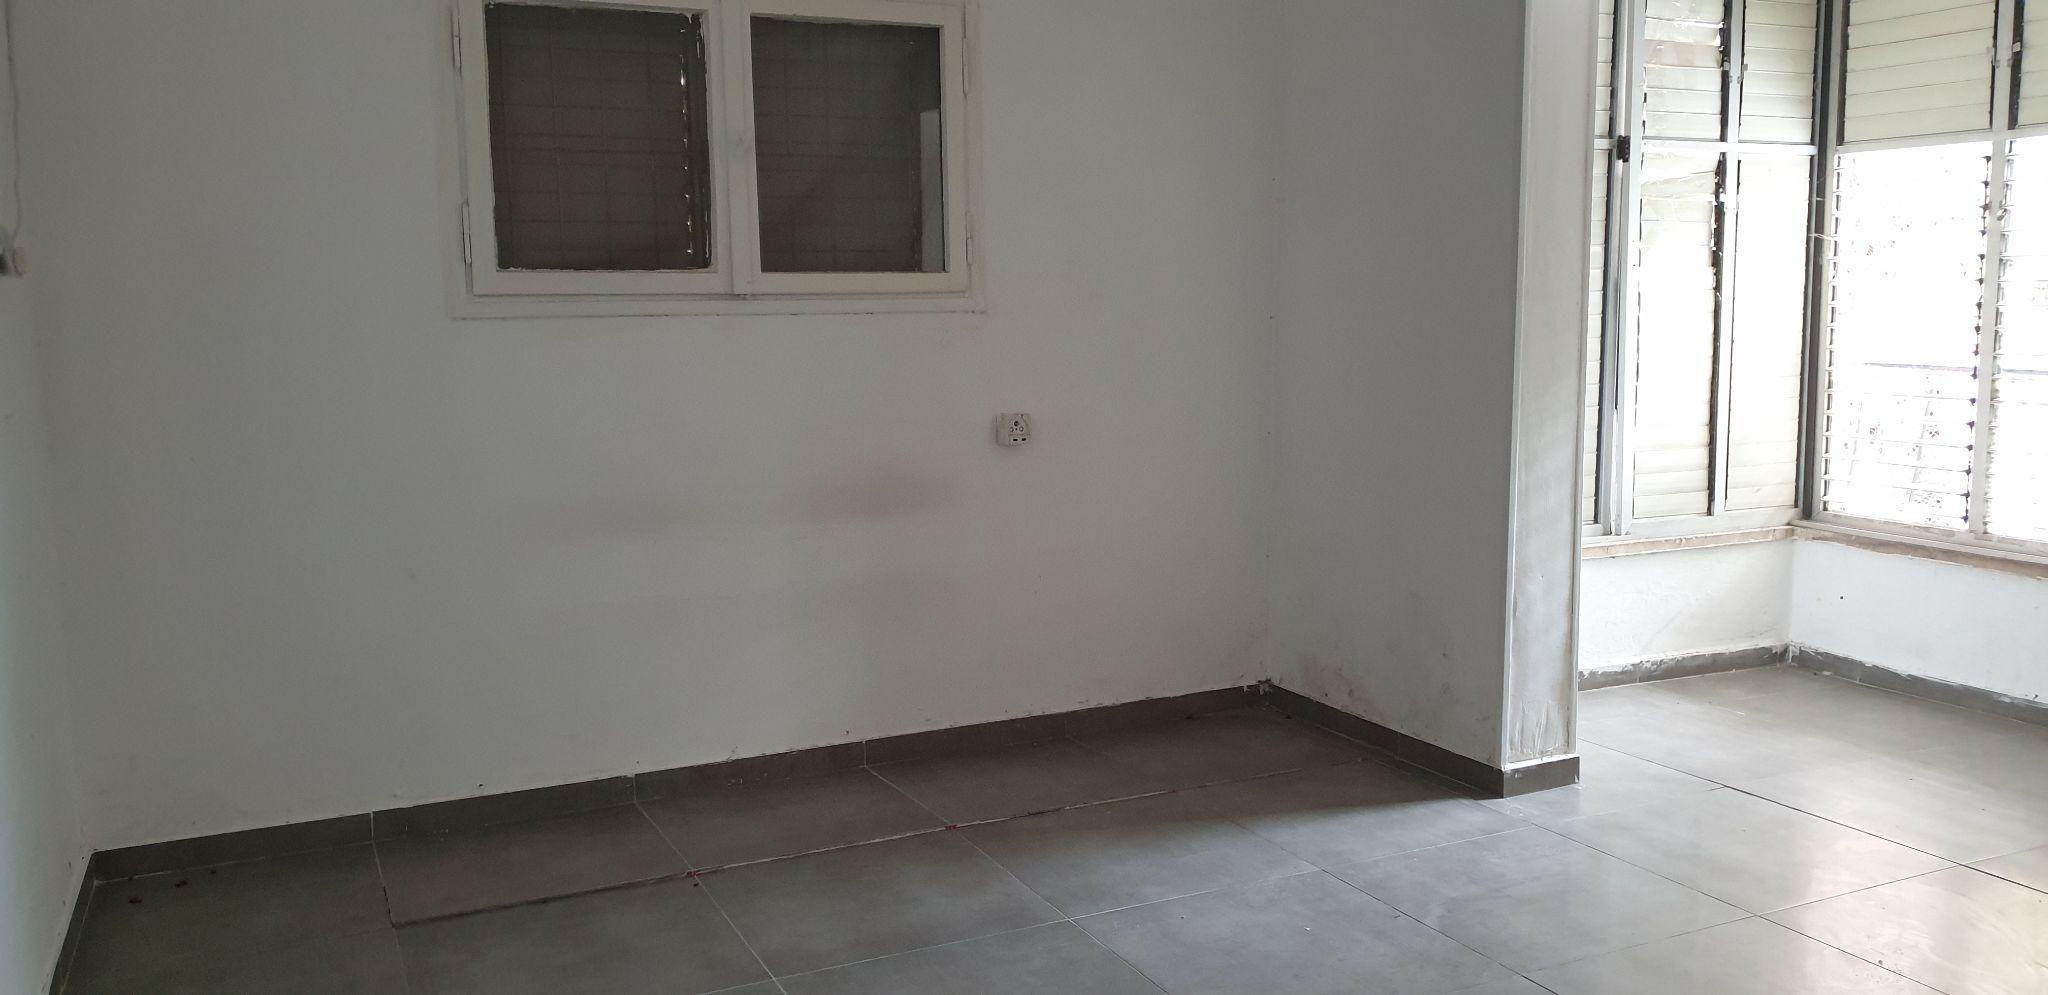 דירה ל מכירה 2.5 חדרים בפתח תקוה